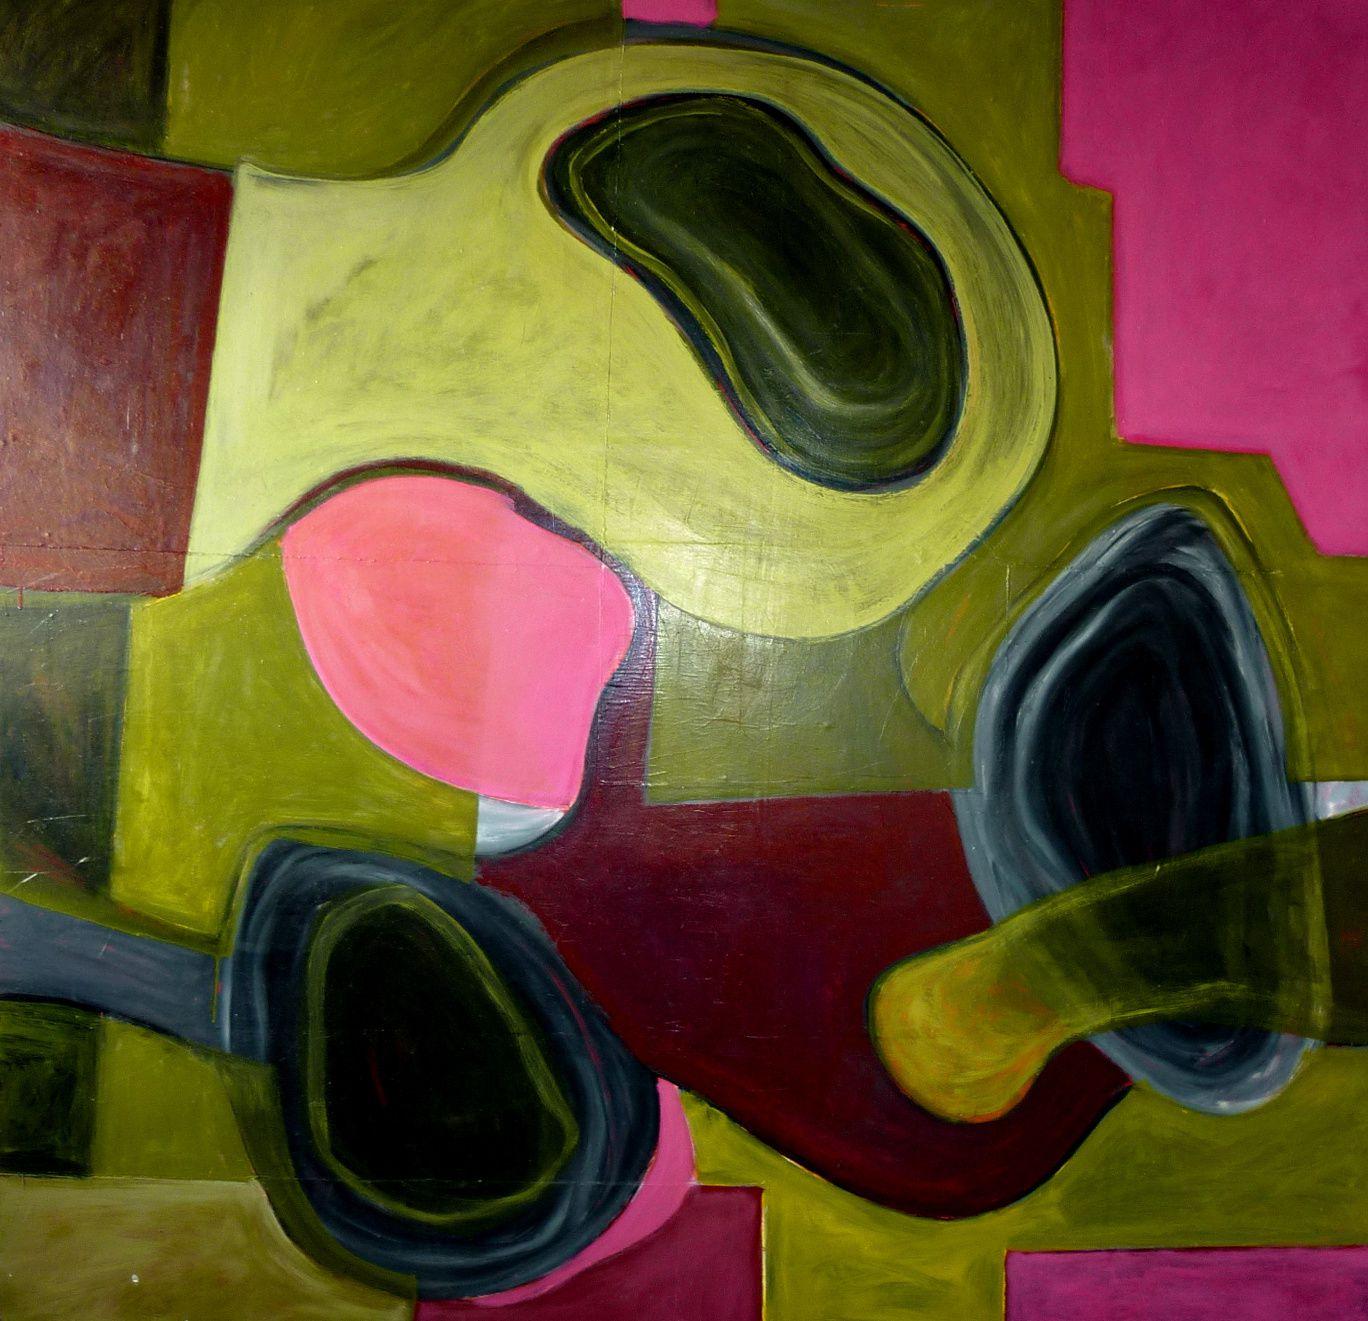 Enclave II, huile sur bois, 180 x 180cm, 2011